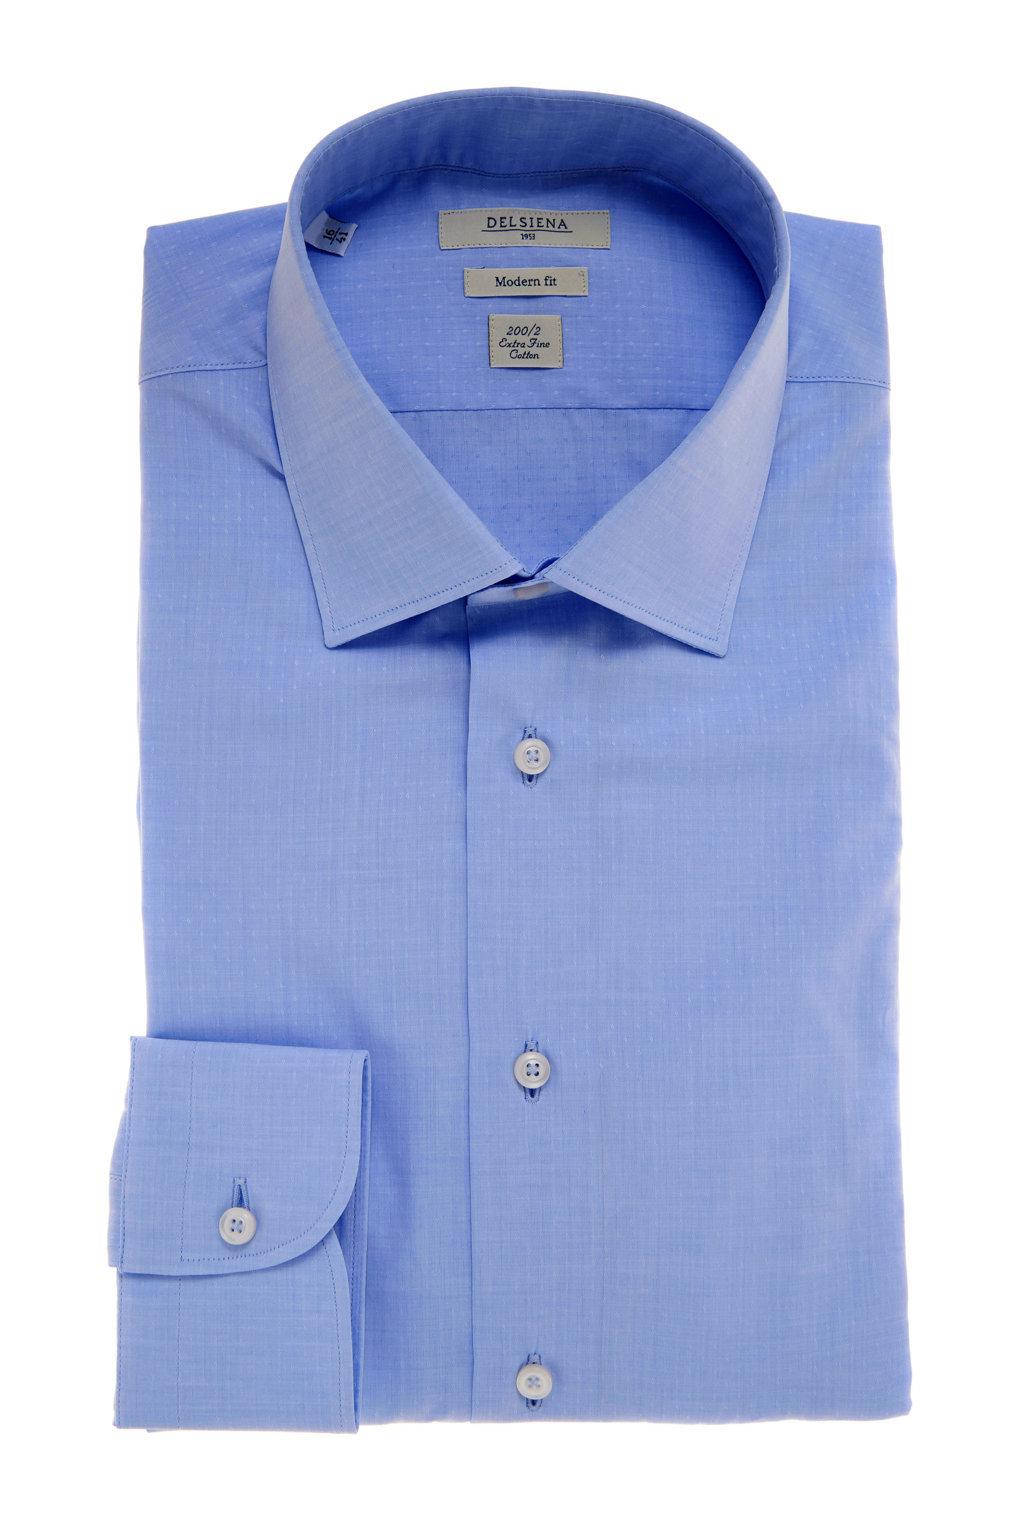 Camicia Delsiena azzurra P/E2017